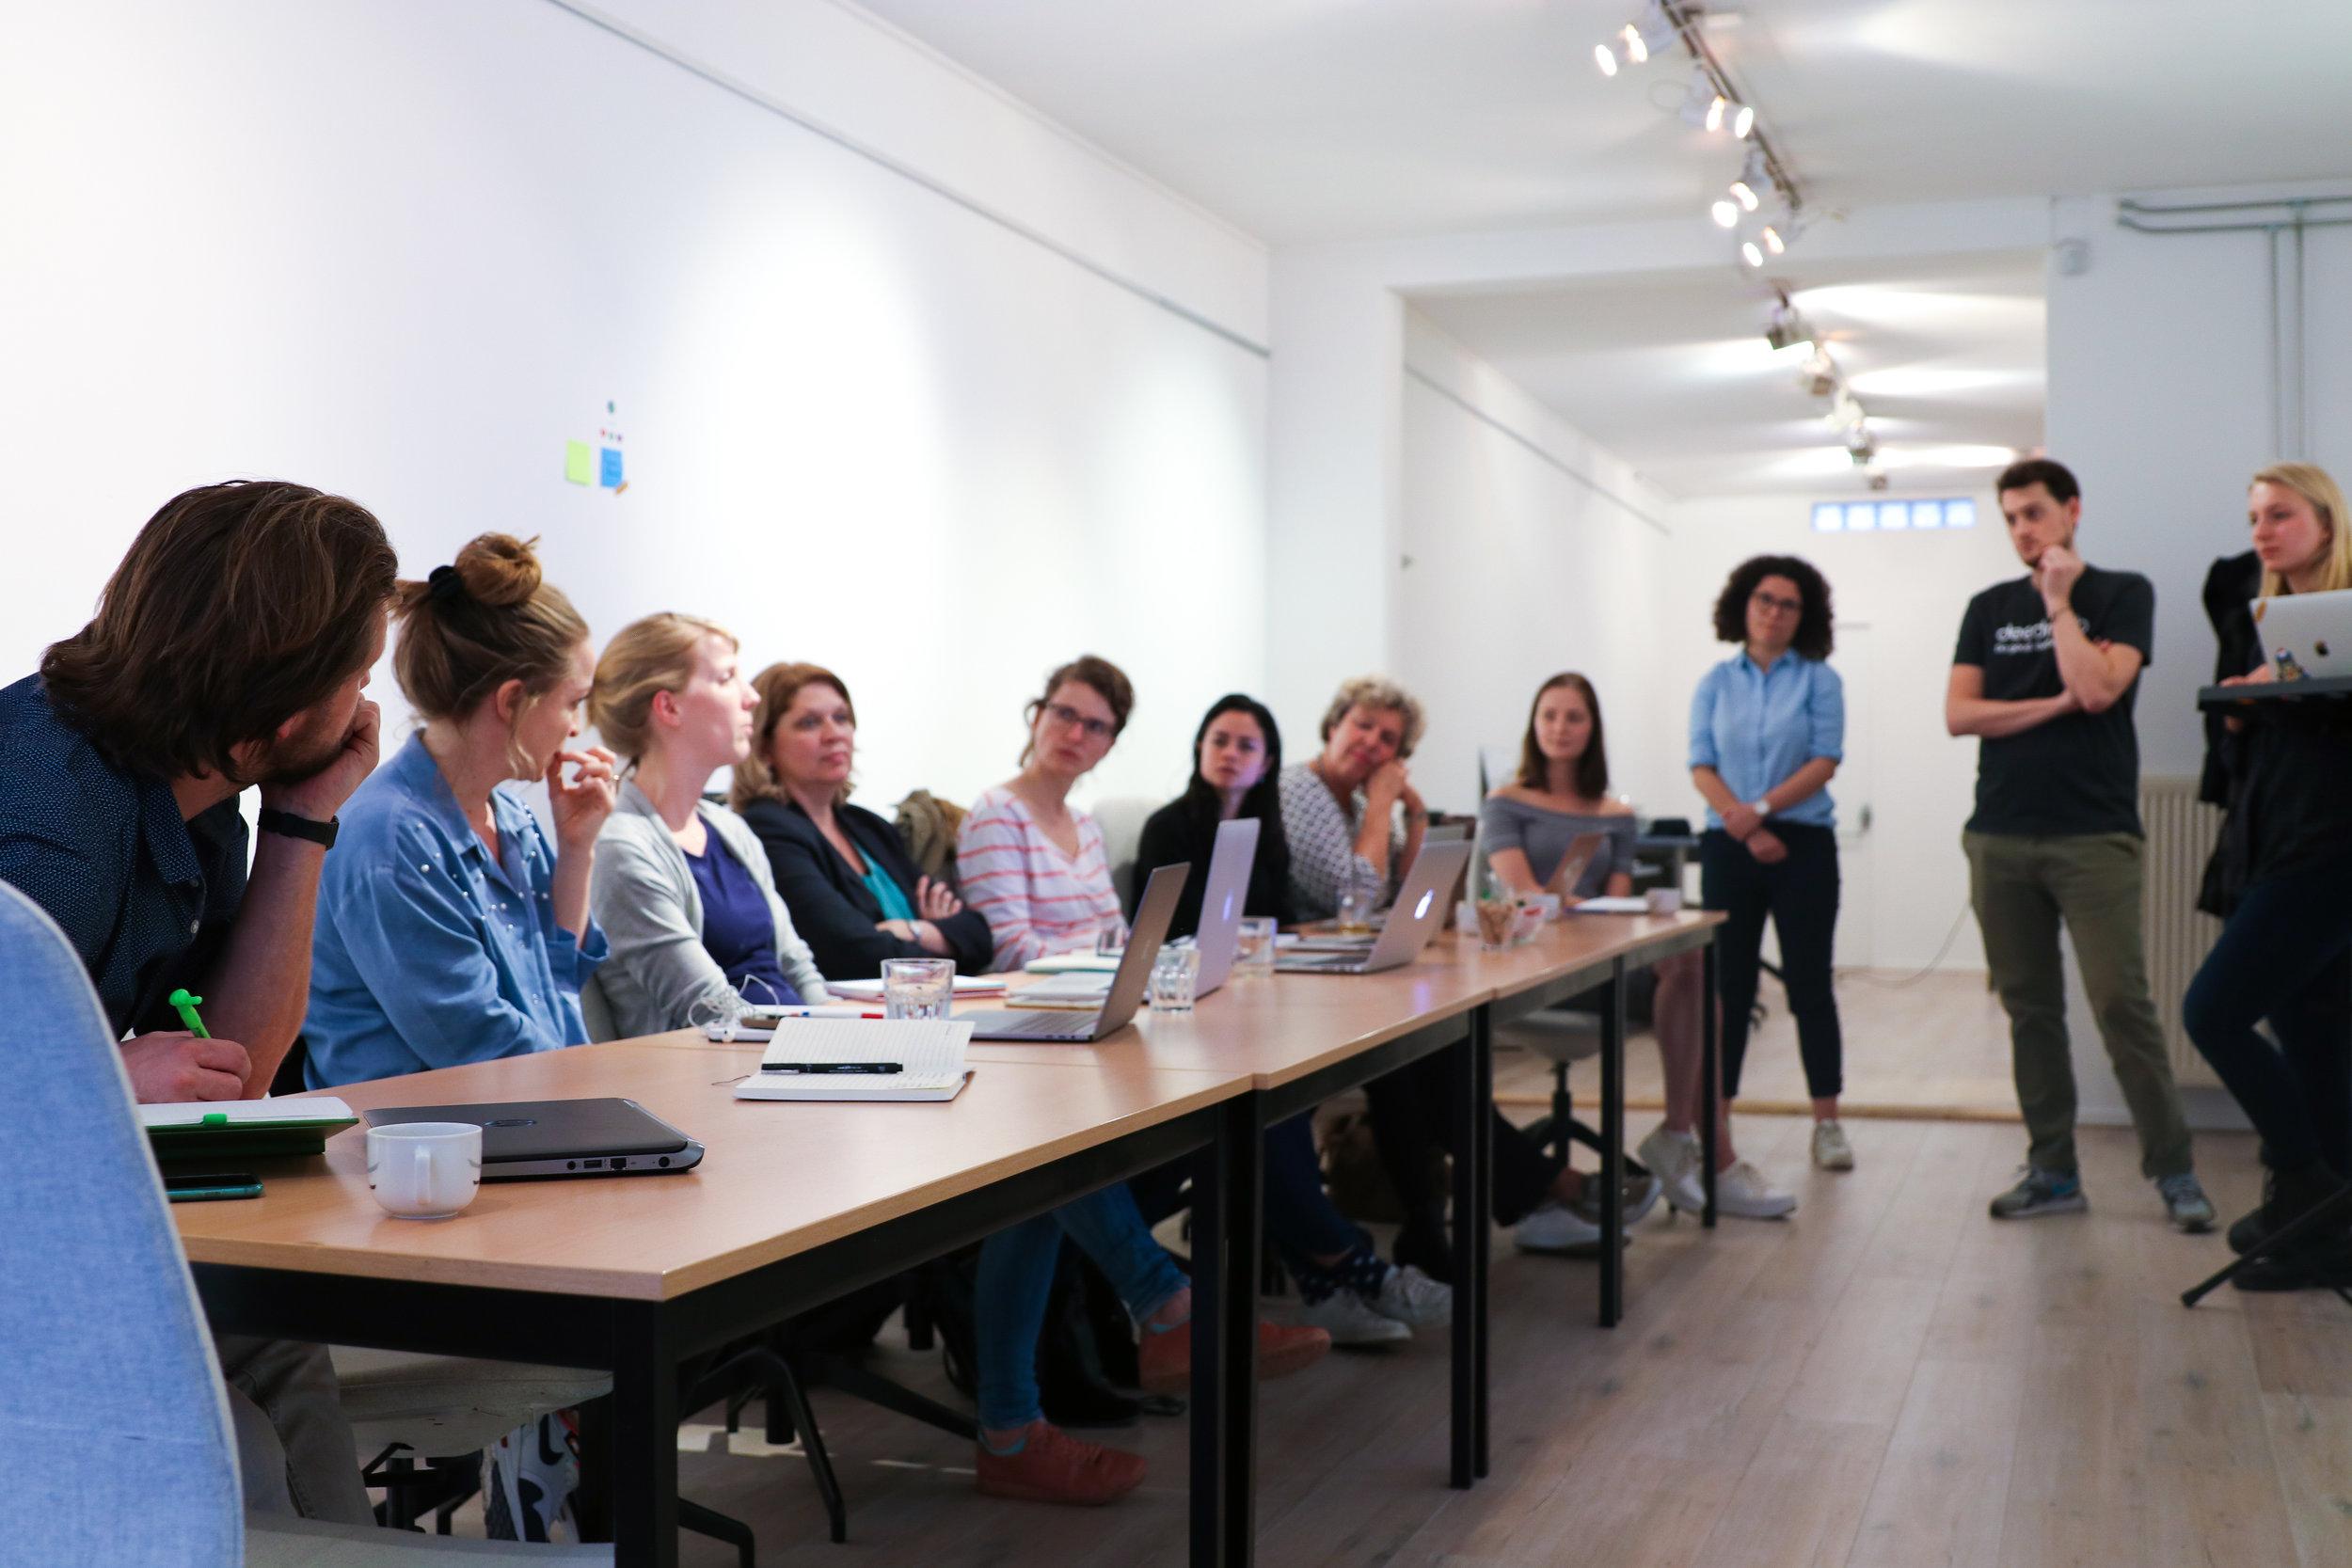 Coach jouw lokale organisaties en vrijwilligers - Organiseer en promoot trainingen en workshops in een geïntegreerde, gebruiksvriendelijke omgeving.